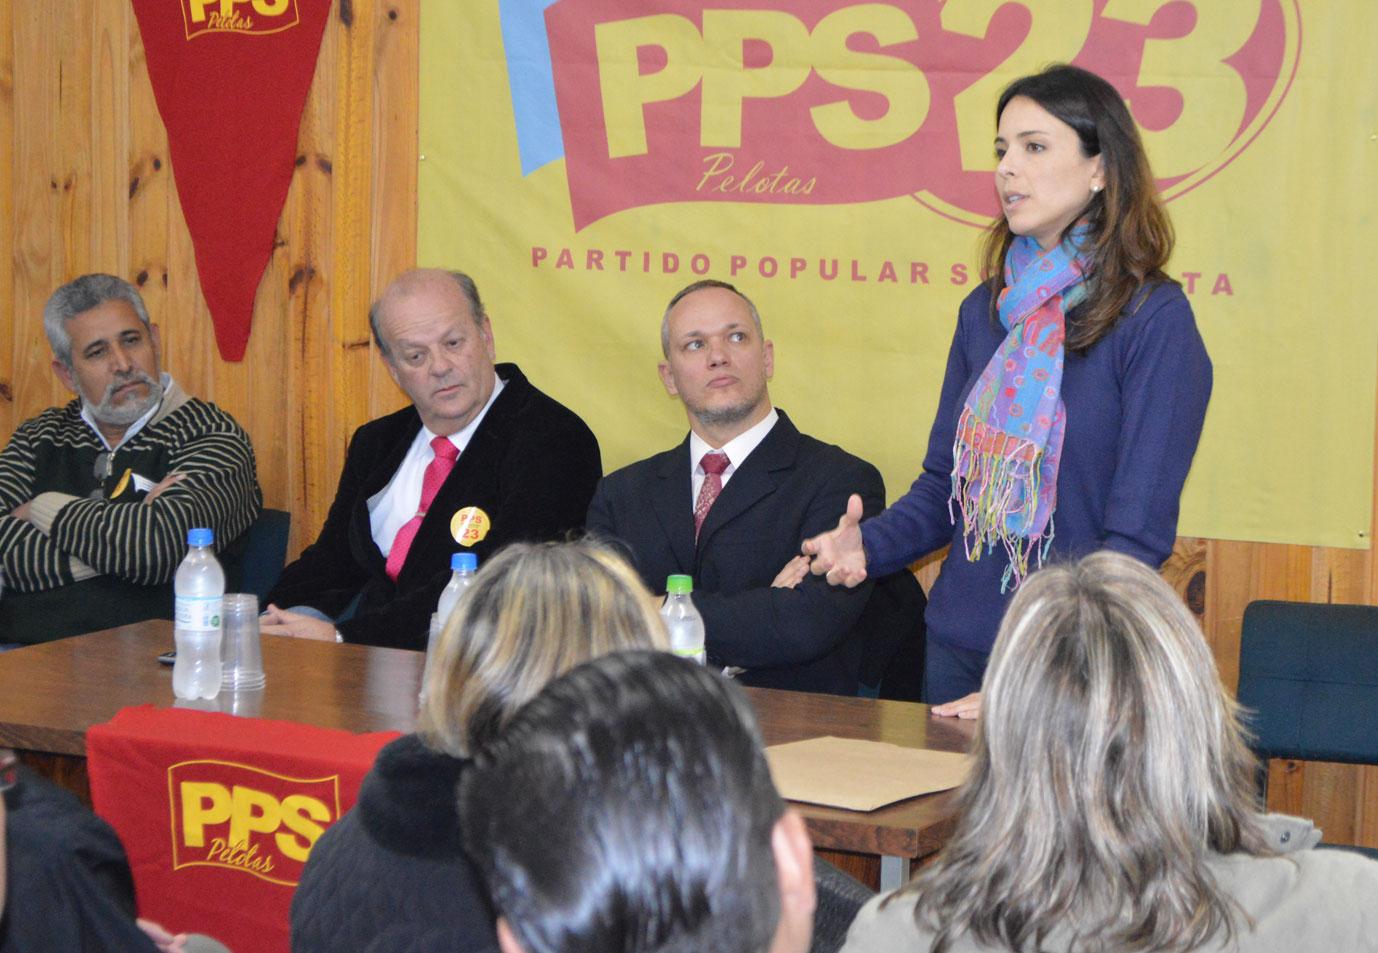 PPS de Pelotas discute eleições de 2016